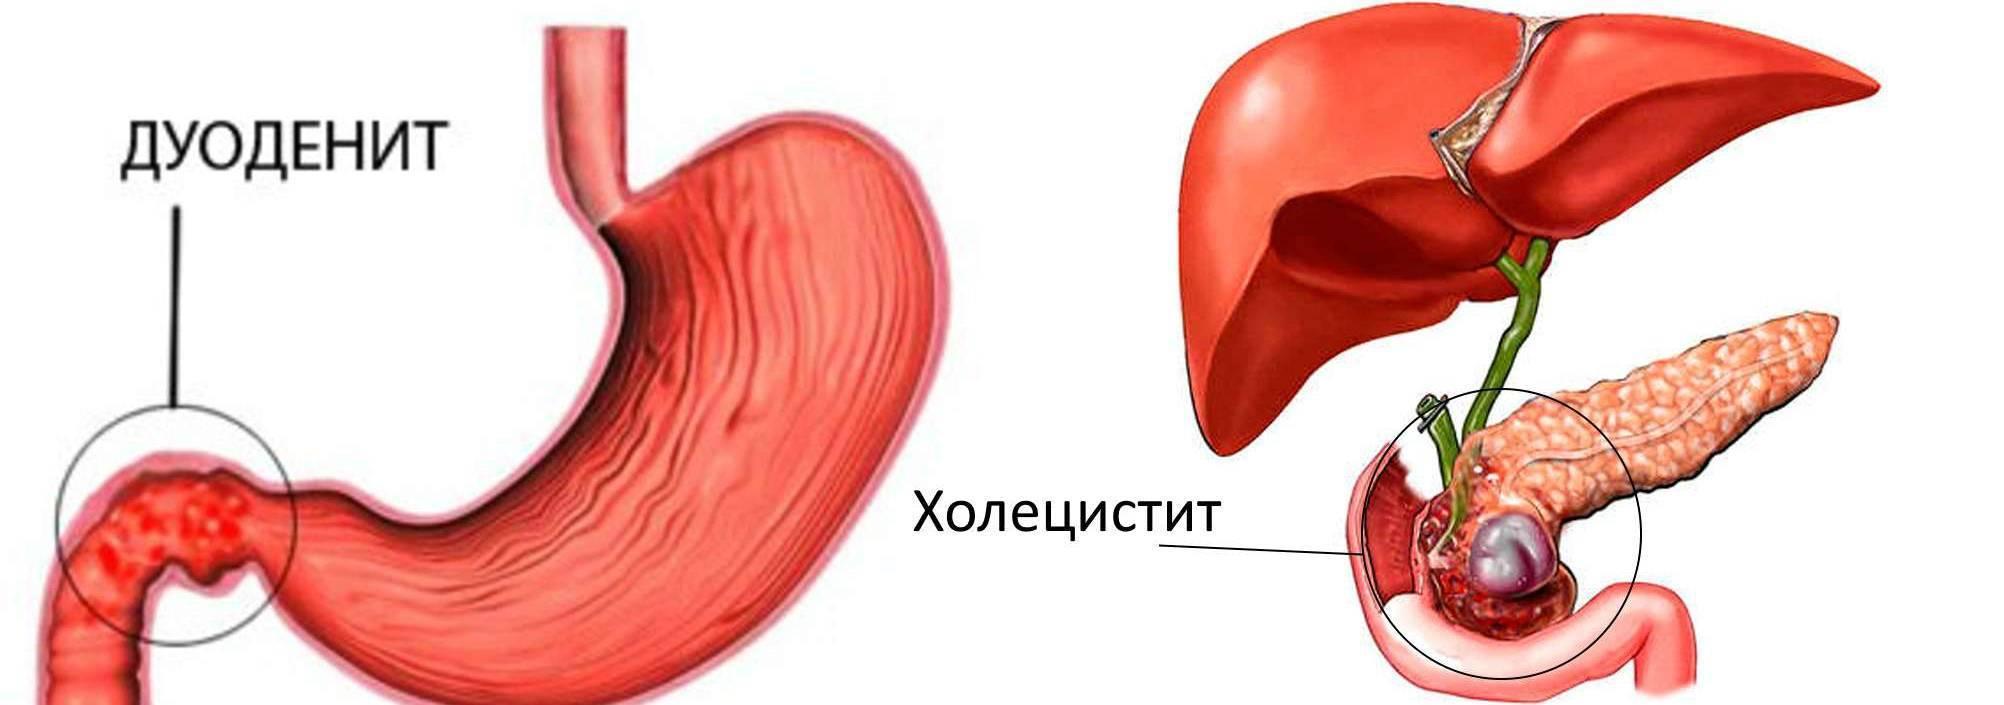 Симптомы и способы лечения холестаза желчного пузыря